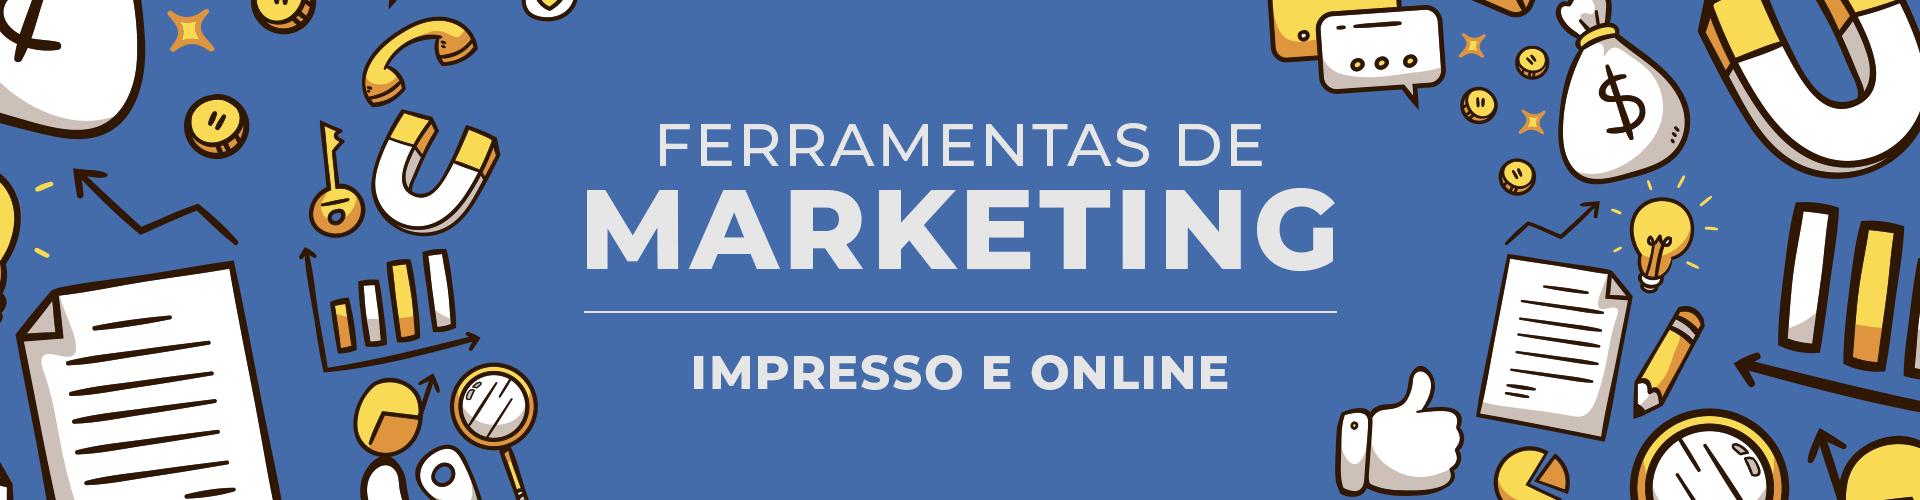 Ferrramentas de marketing impresso e online